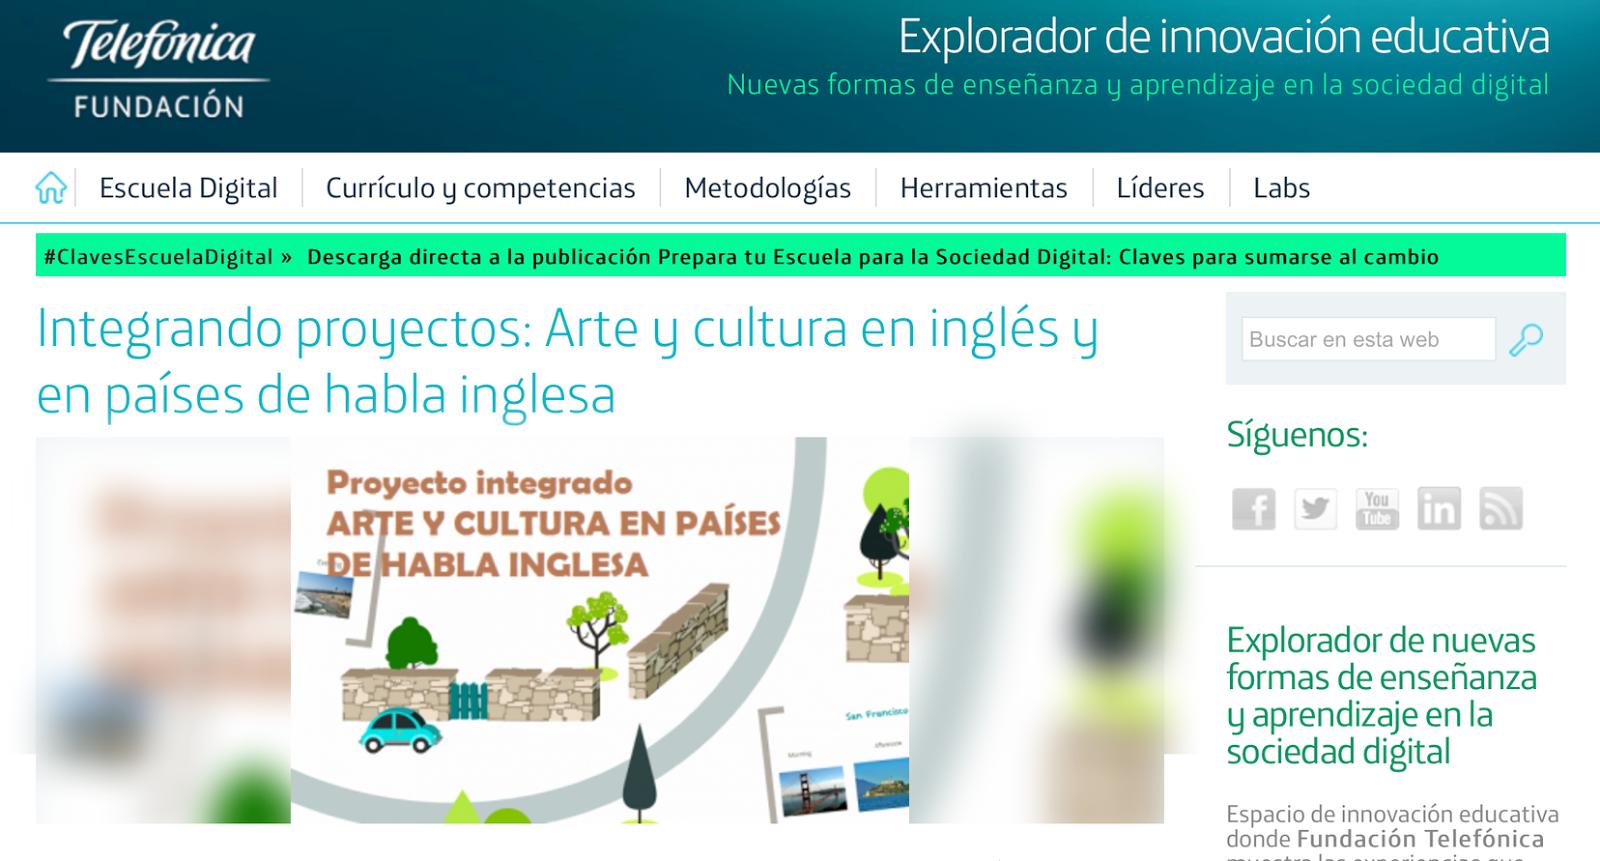 Nuestro Proyecto Integrado en la web de Innovación educativa Fundación Telefónica